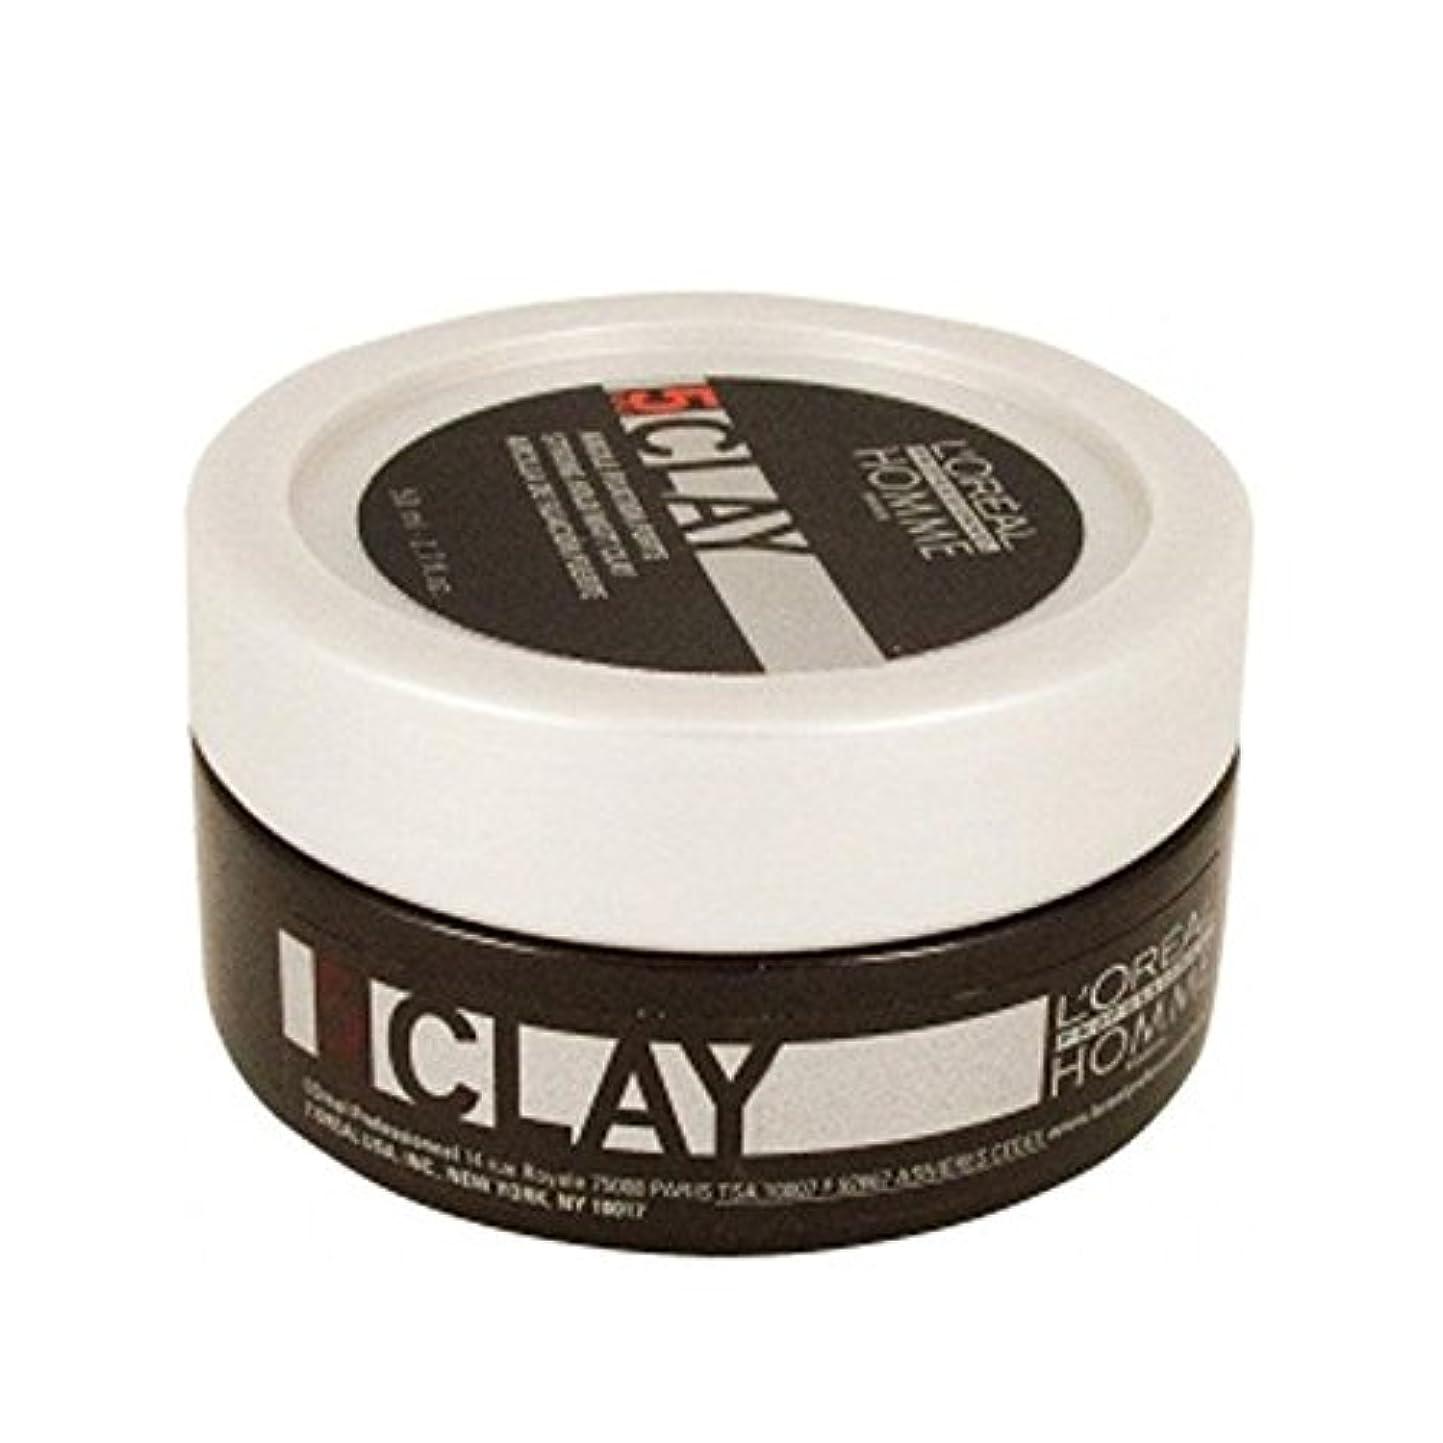 細菌尊敬する統計L'Or?al Professionnel Homme Clay ? Strong Hold Clay (50ml) - ロレアルプロフェッショナルのオム粘土 - 強力なホールド粘土(50ミリリットル) [並行輸入品]